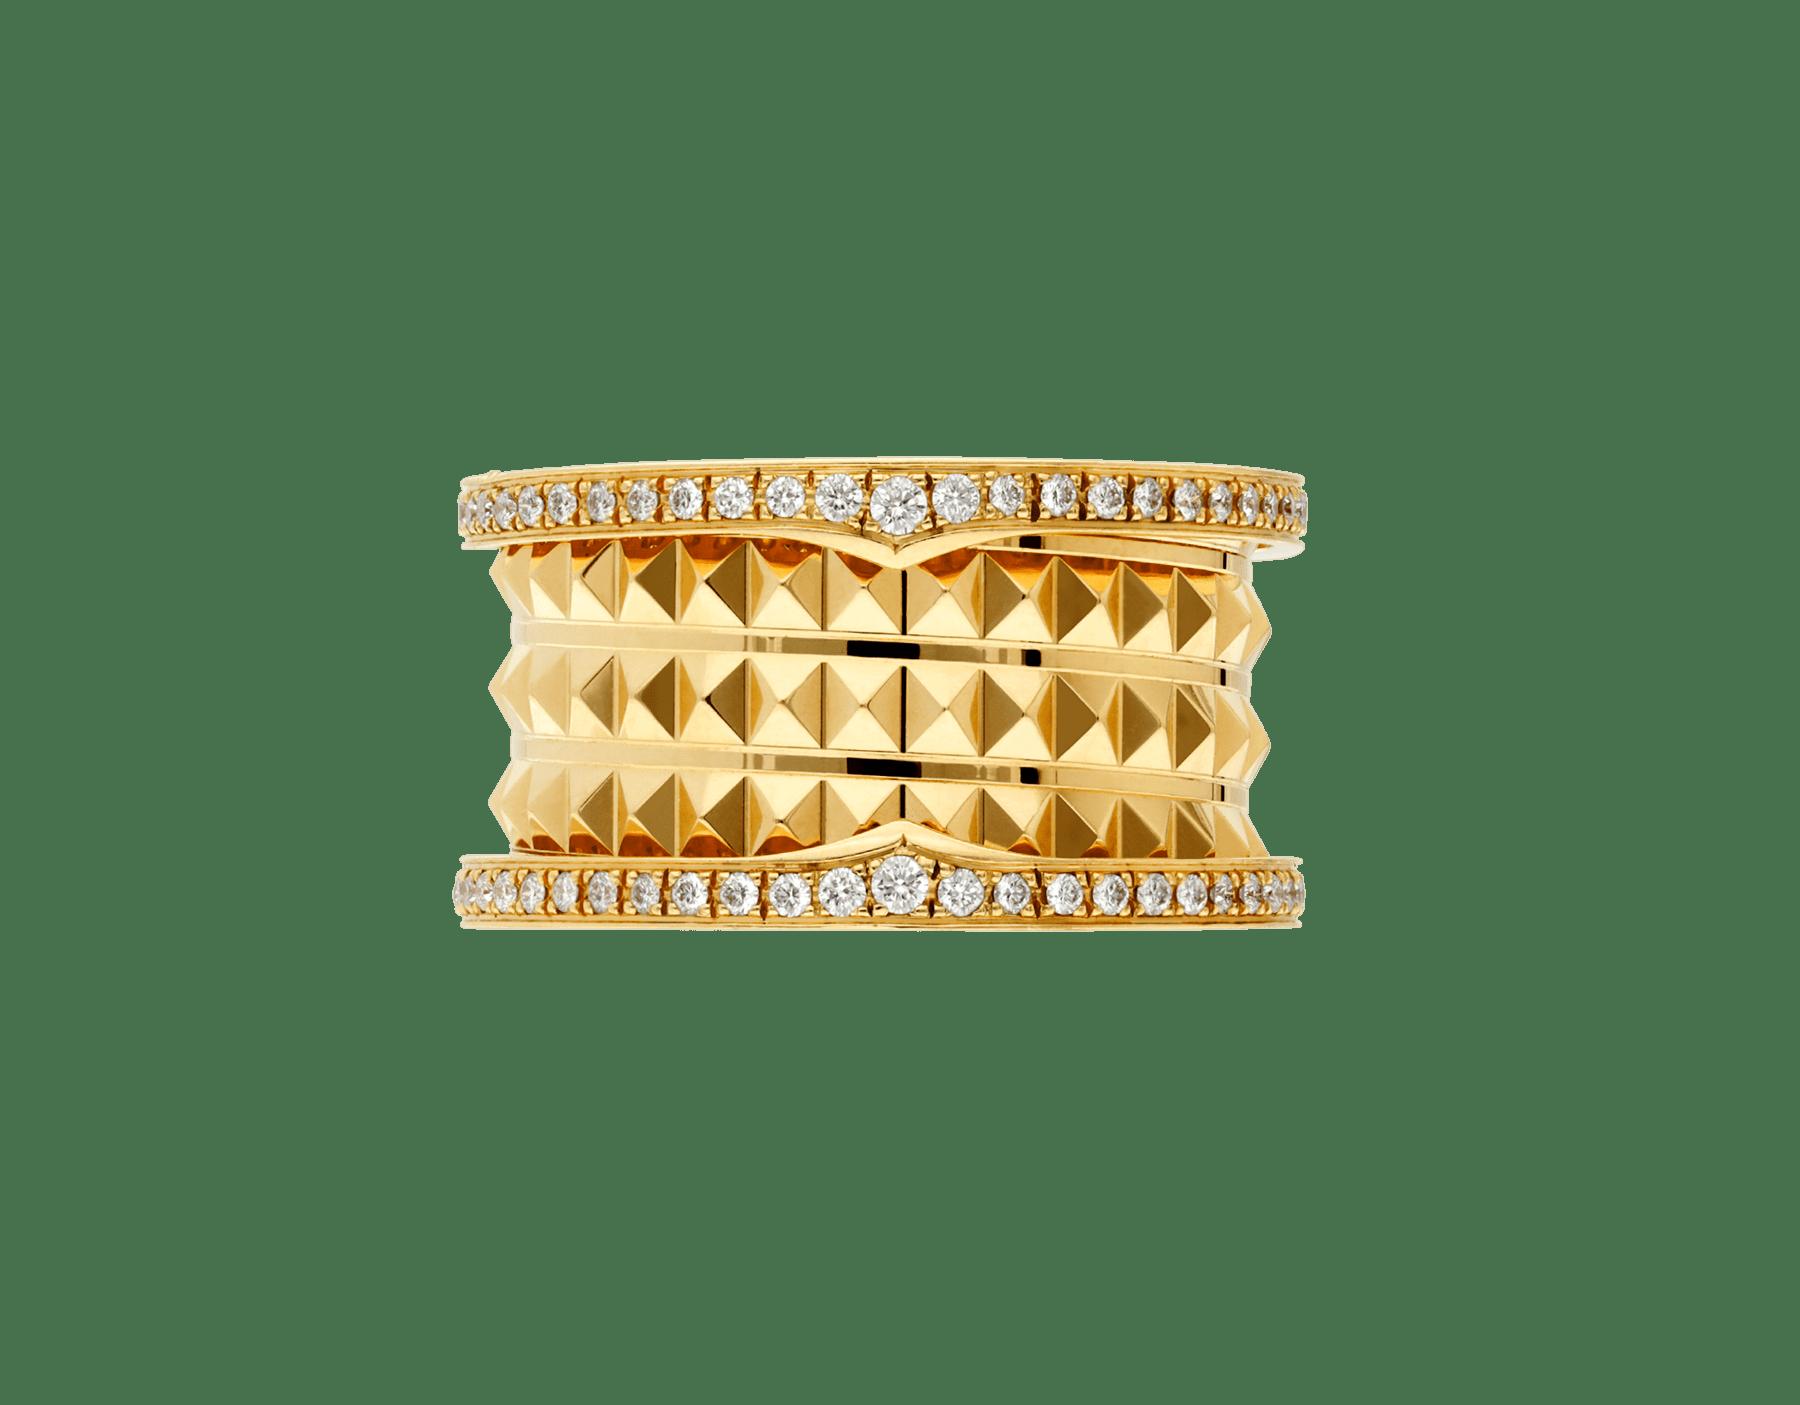 ビー・ゼロワン ロック 4バンド リング。18Kイエローゴールド製。スタッズ付きスパイラル。エッジにパヴェダイヤモンドをあしらいました。 AN859026 image 3